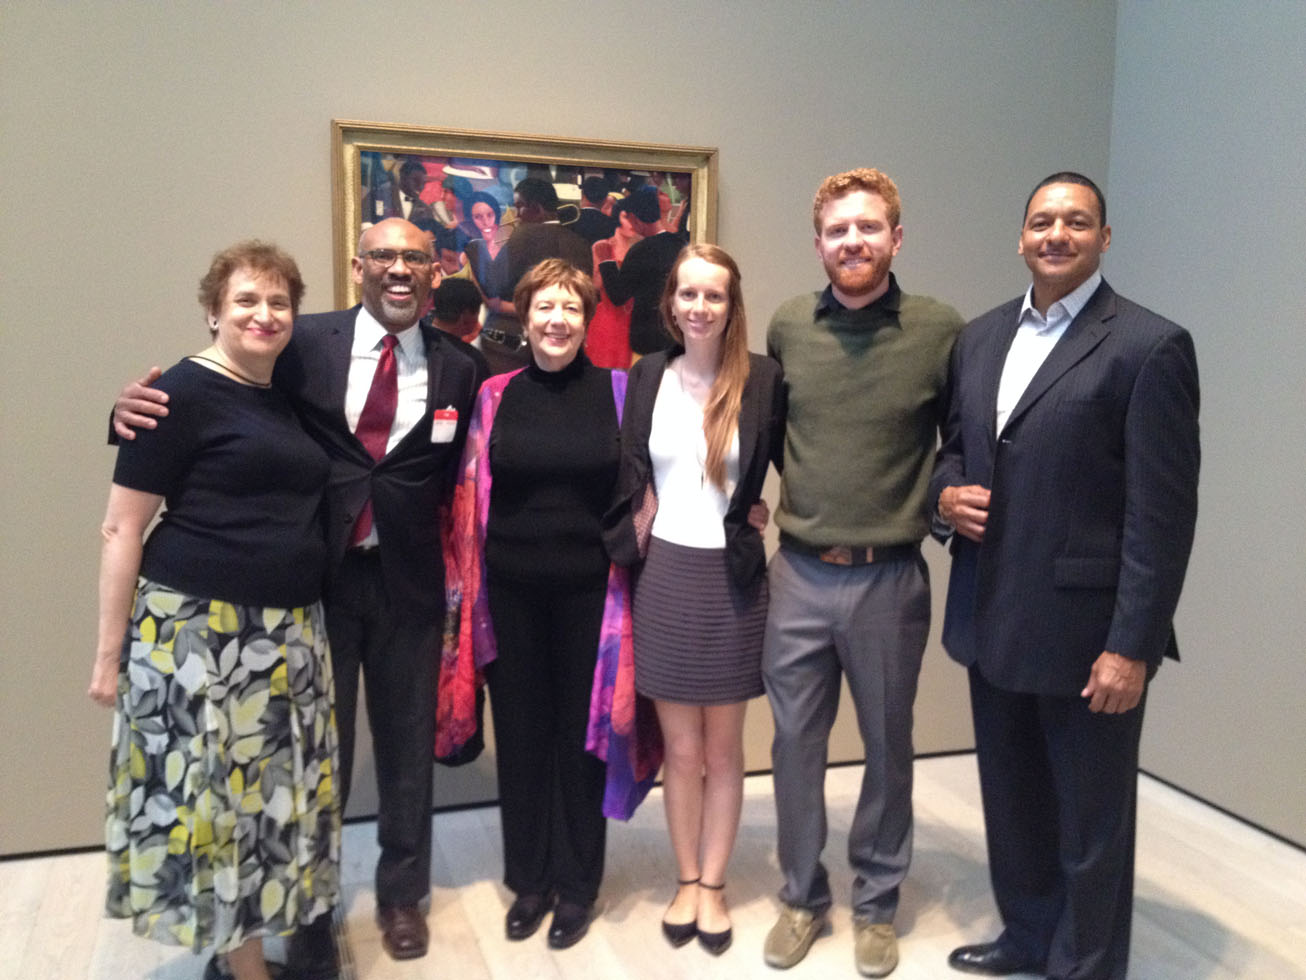 Curator Ilene Fort, Curator Richard Powell, Valerie Gerrard Browne, Mara Motley, Scott Dixon, Kirkland Bailey.